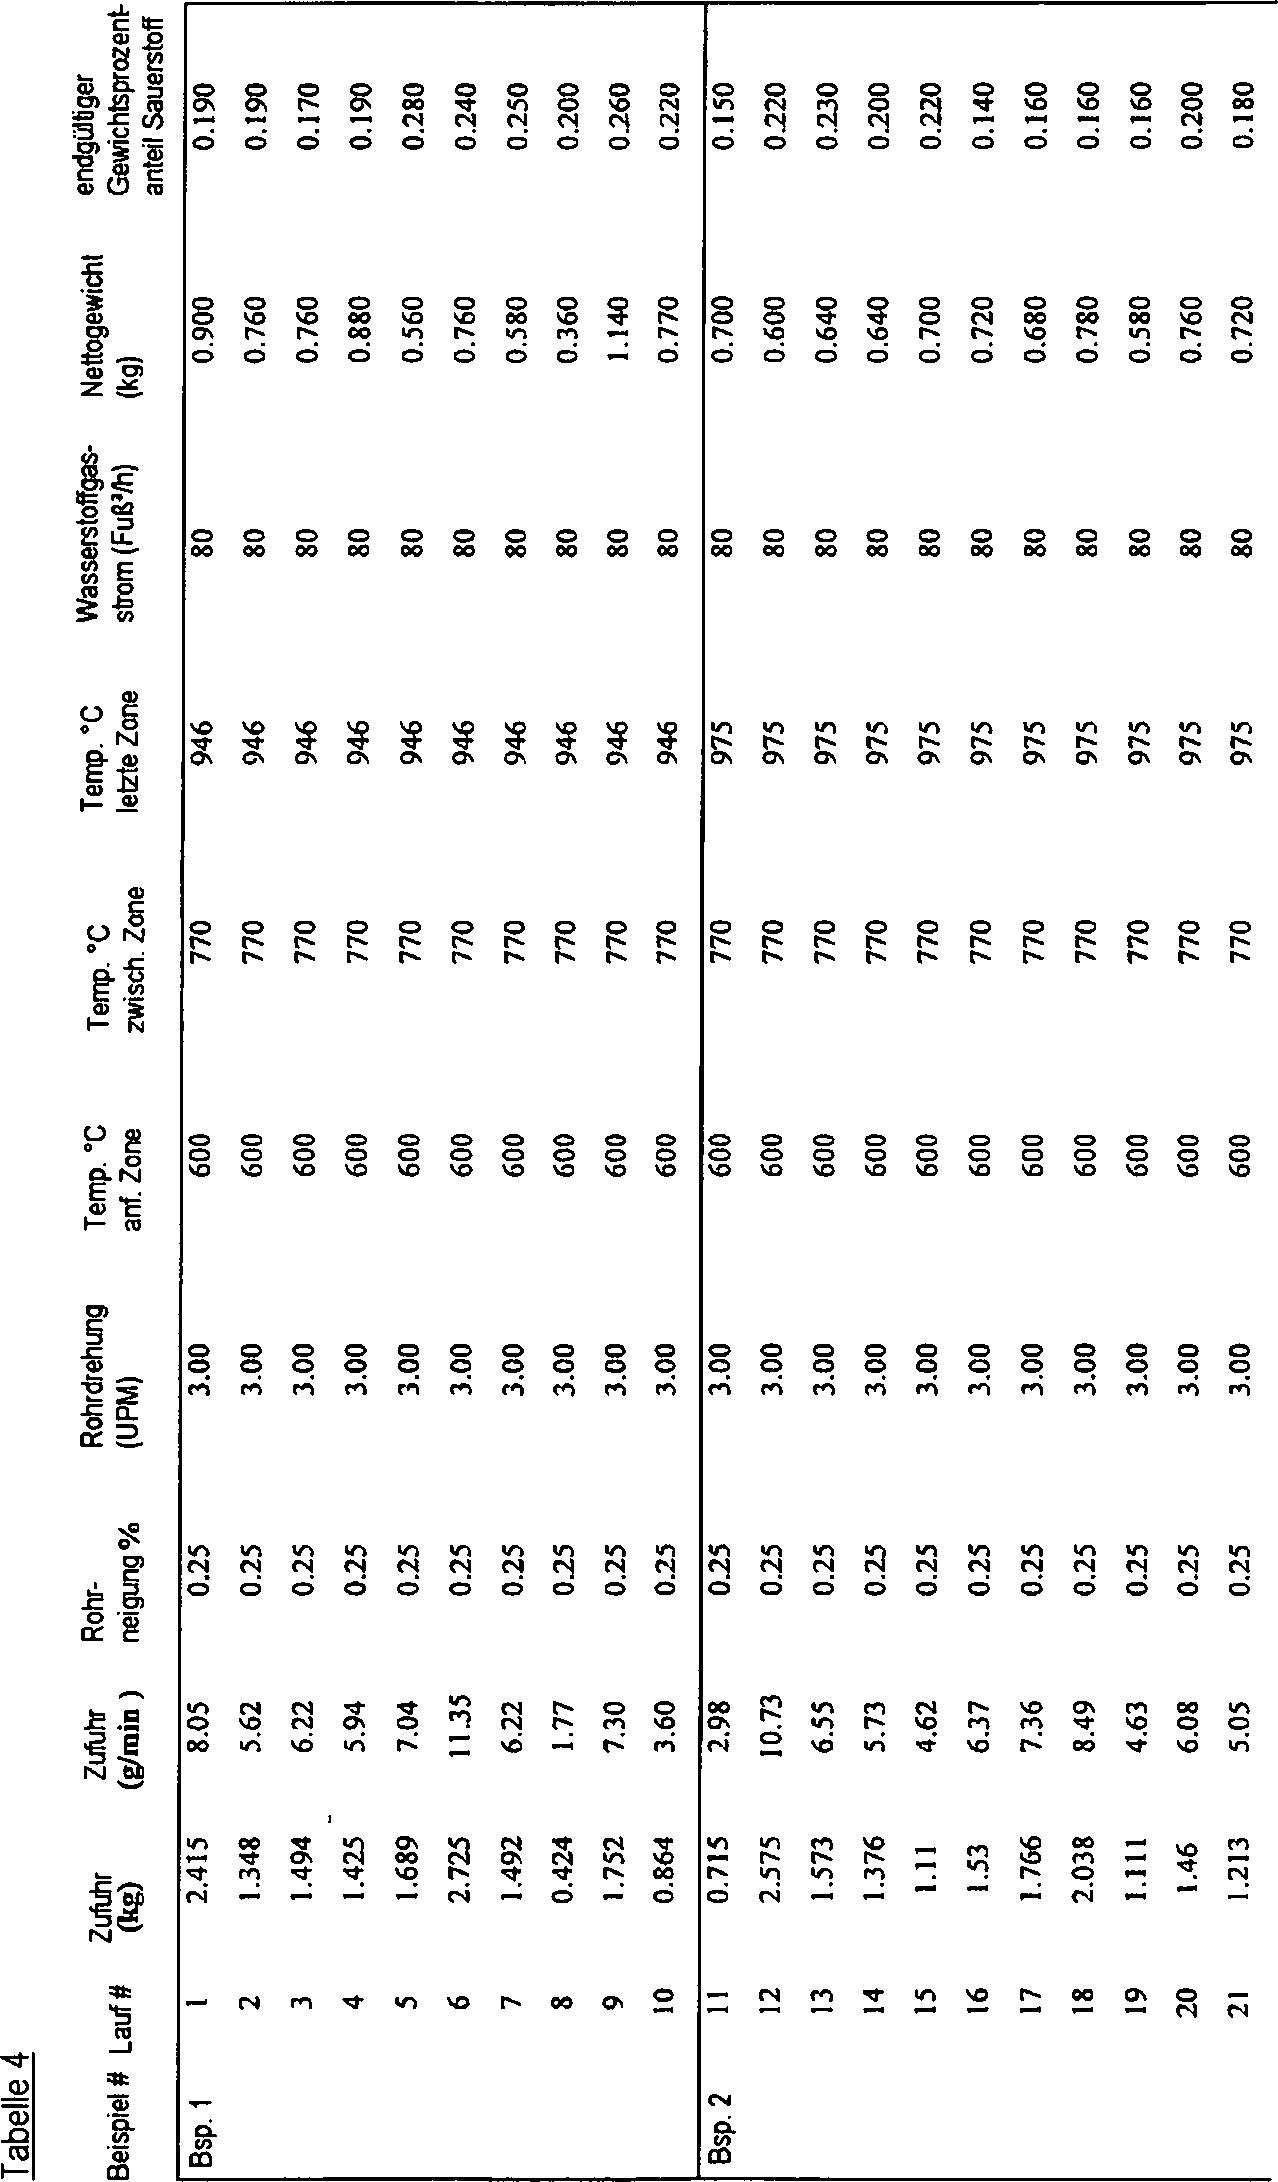 Figure DE112007000353B4_0002